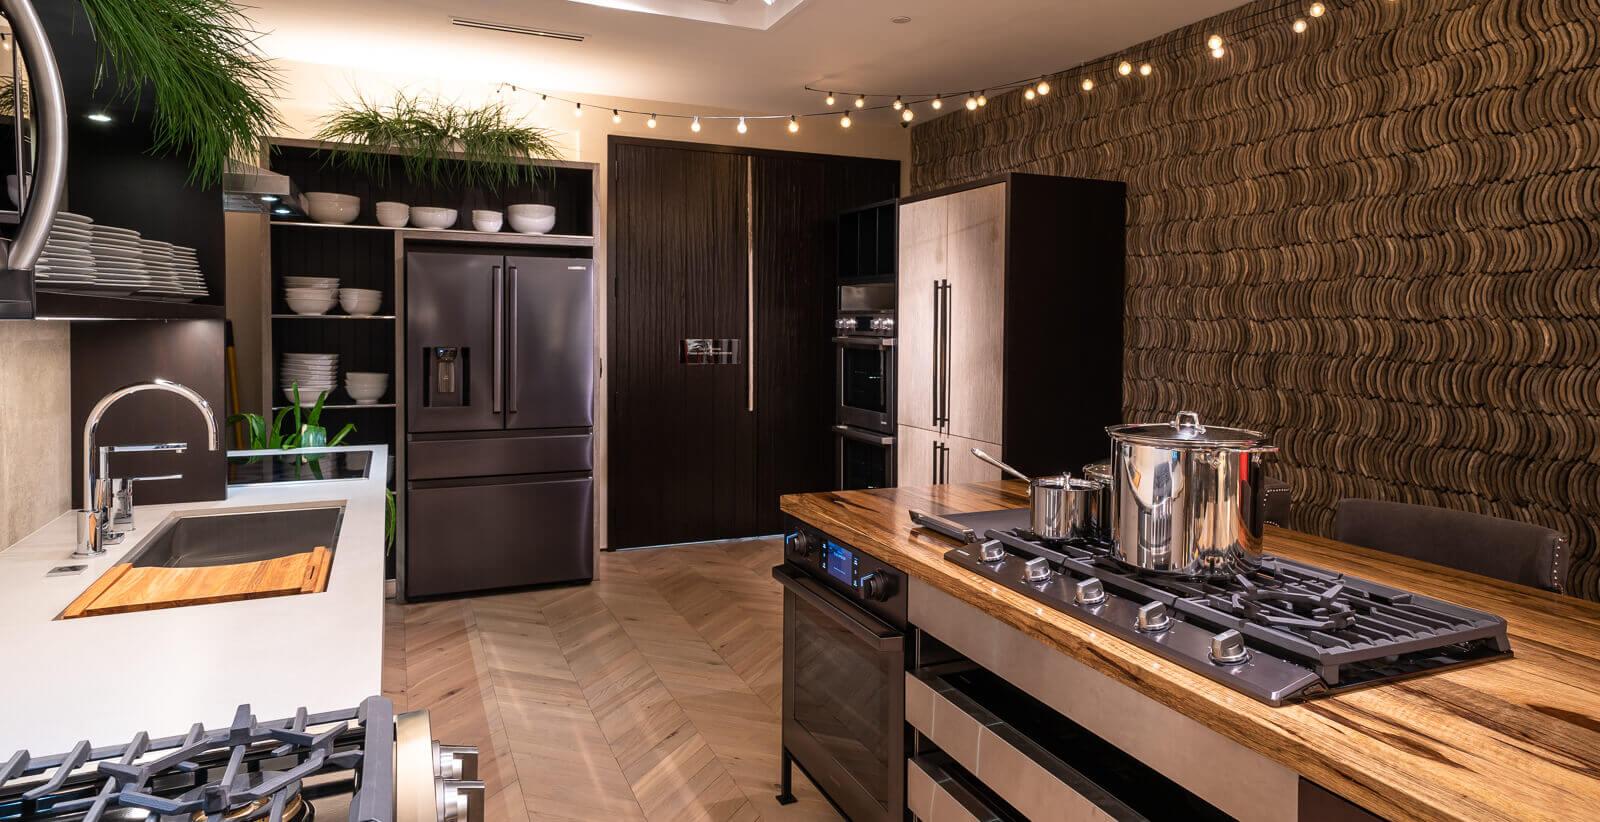 View the Inspiration Studio Samsung Kitchen